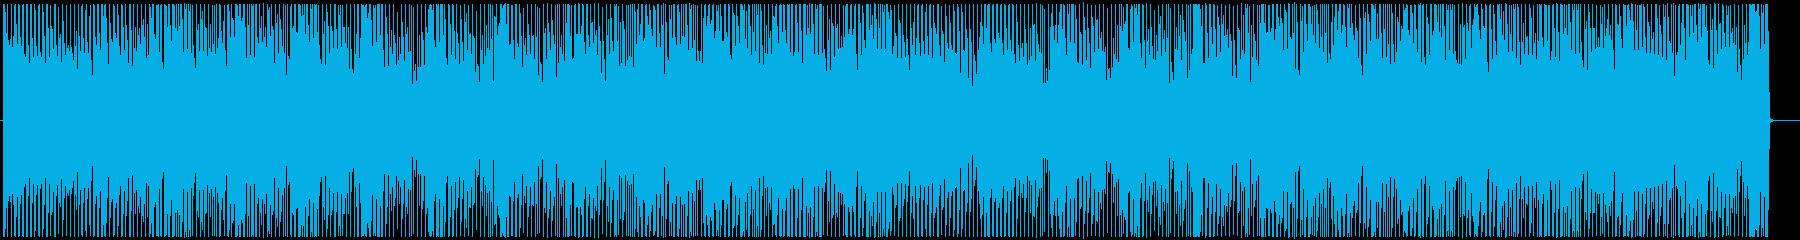 レゲエ  太陽サンサンの再生済みの波形